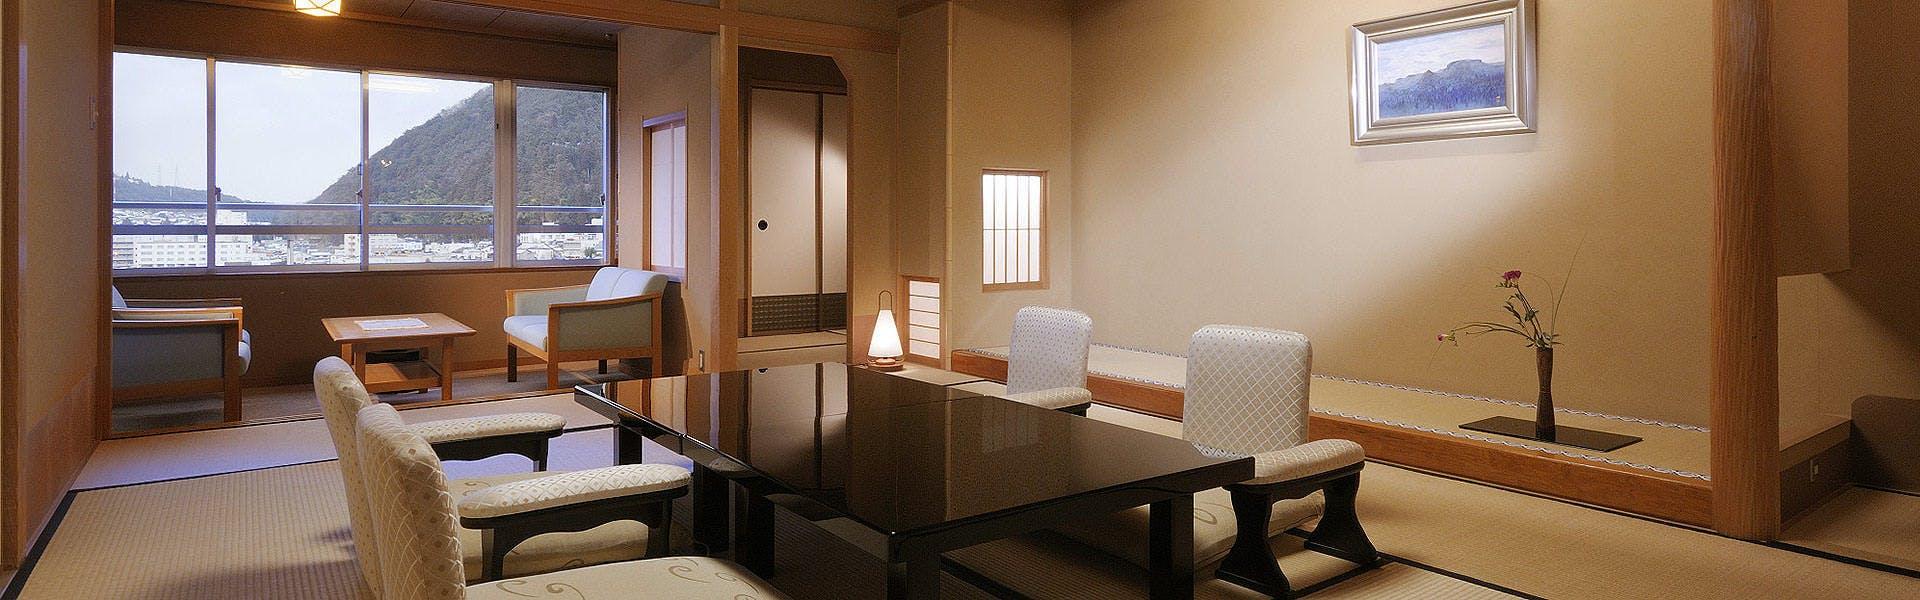 記念日におすすめのホテル・下呂温泉 水明館の写真1